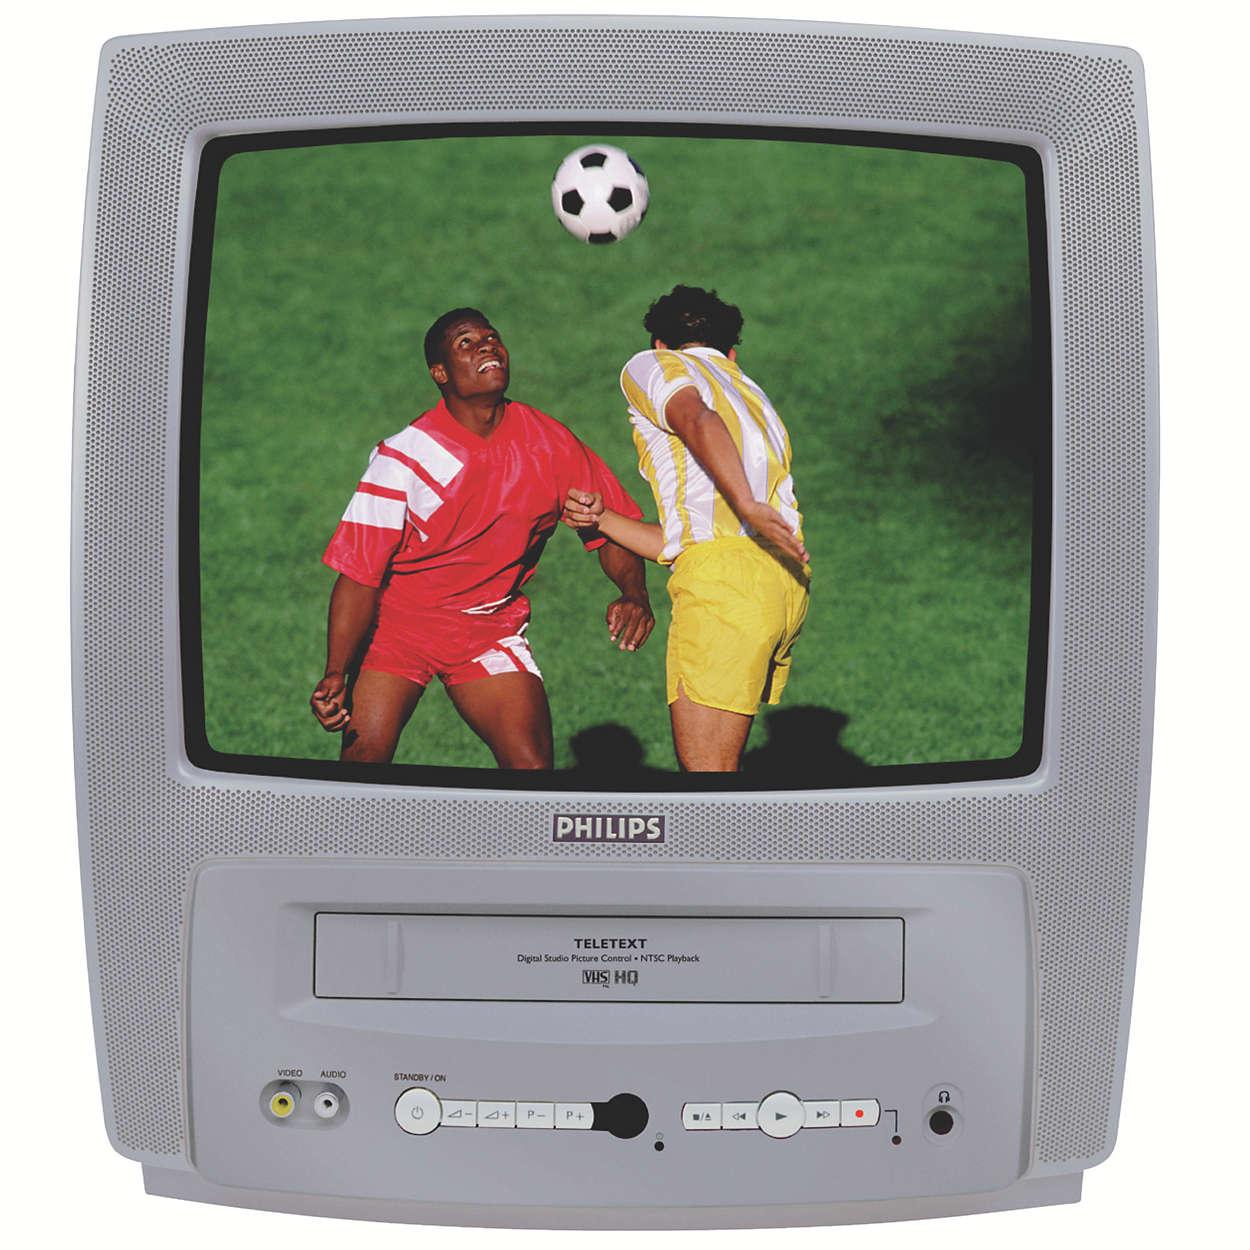 Kompakti TV/Video Combi, jossa teksti-tv